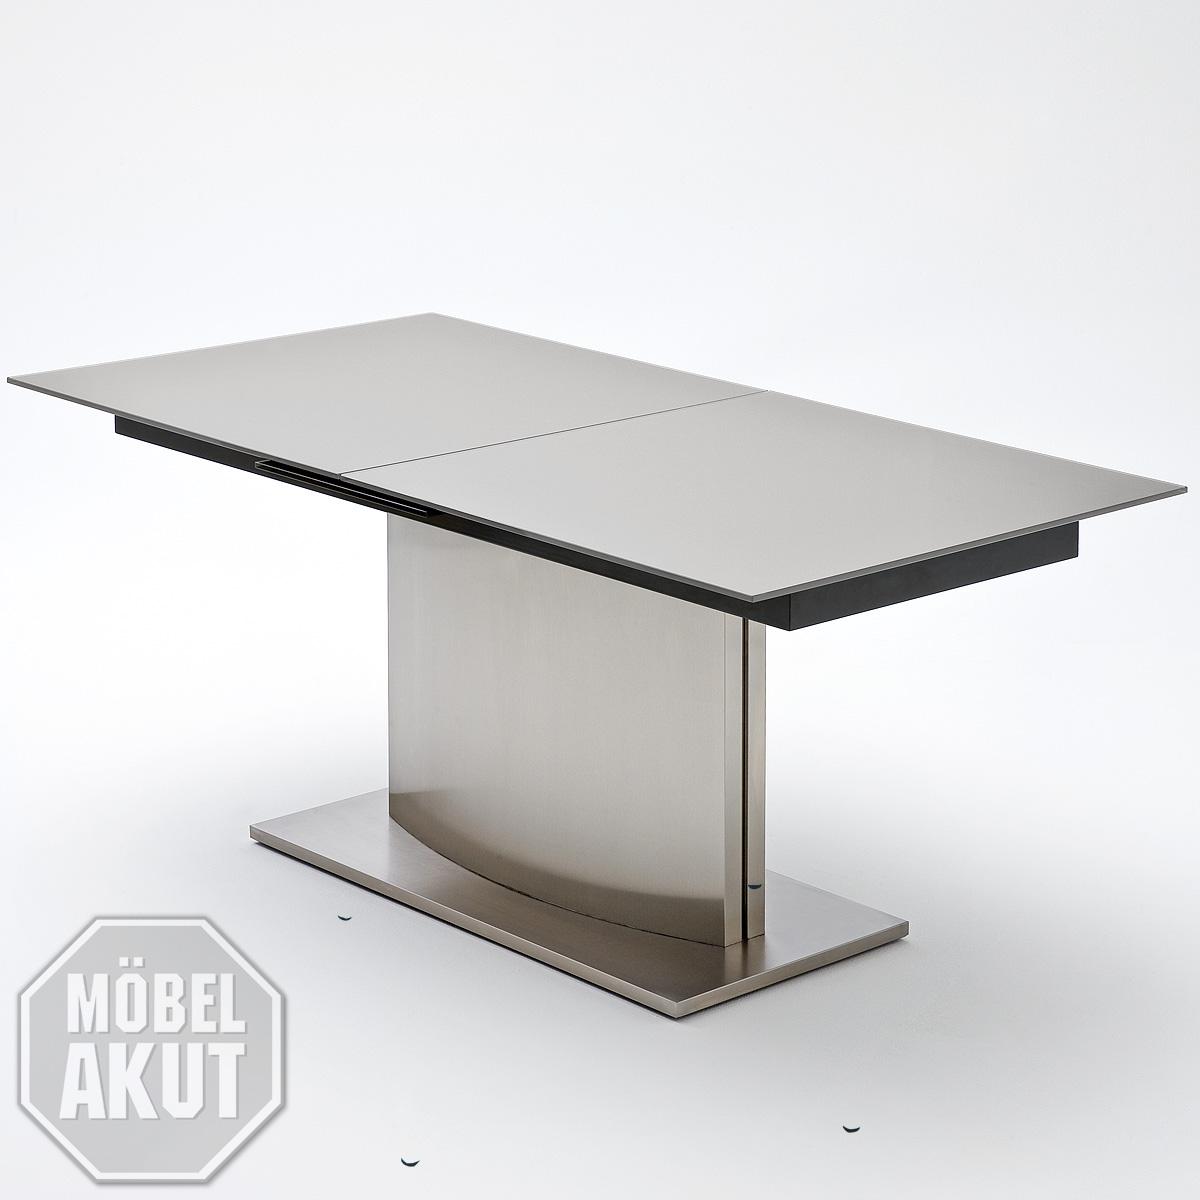 esstisch memory tisch esszimmertisch glas dunkel grau edelstahl ausziehbar ebay. Black Bedroom Furniture Sets. Home Design Ideas